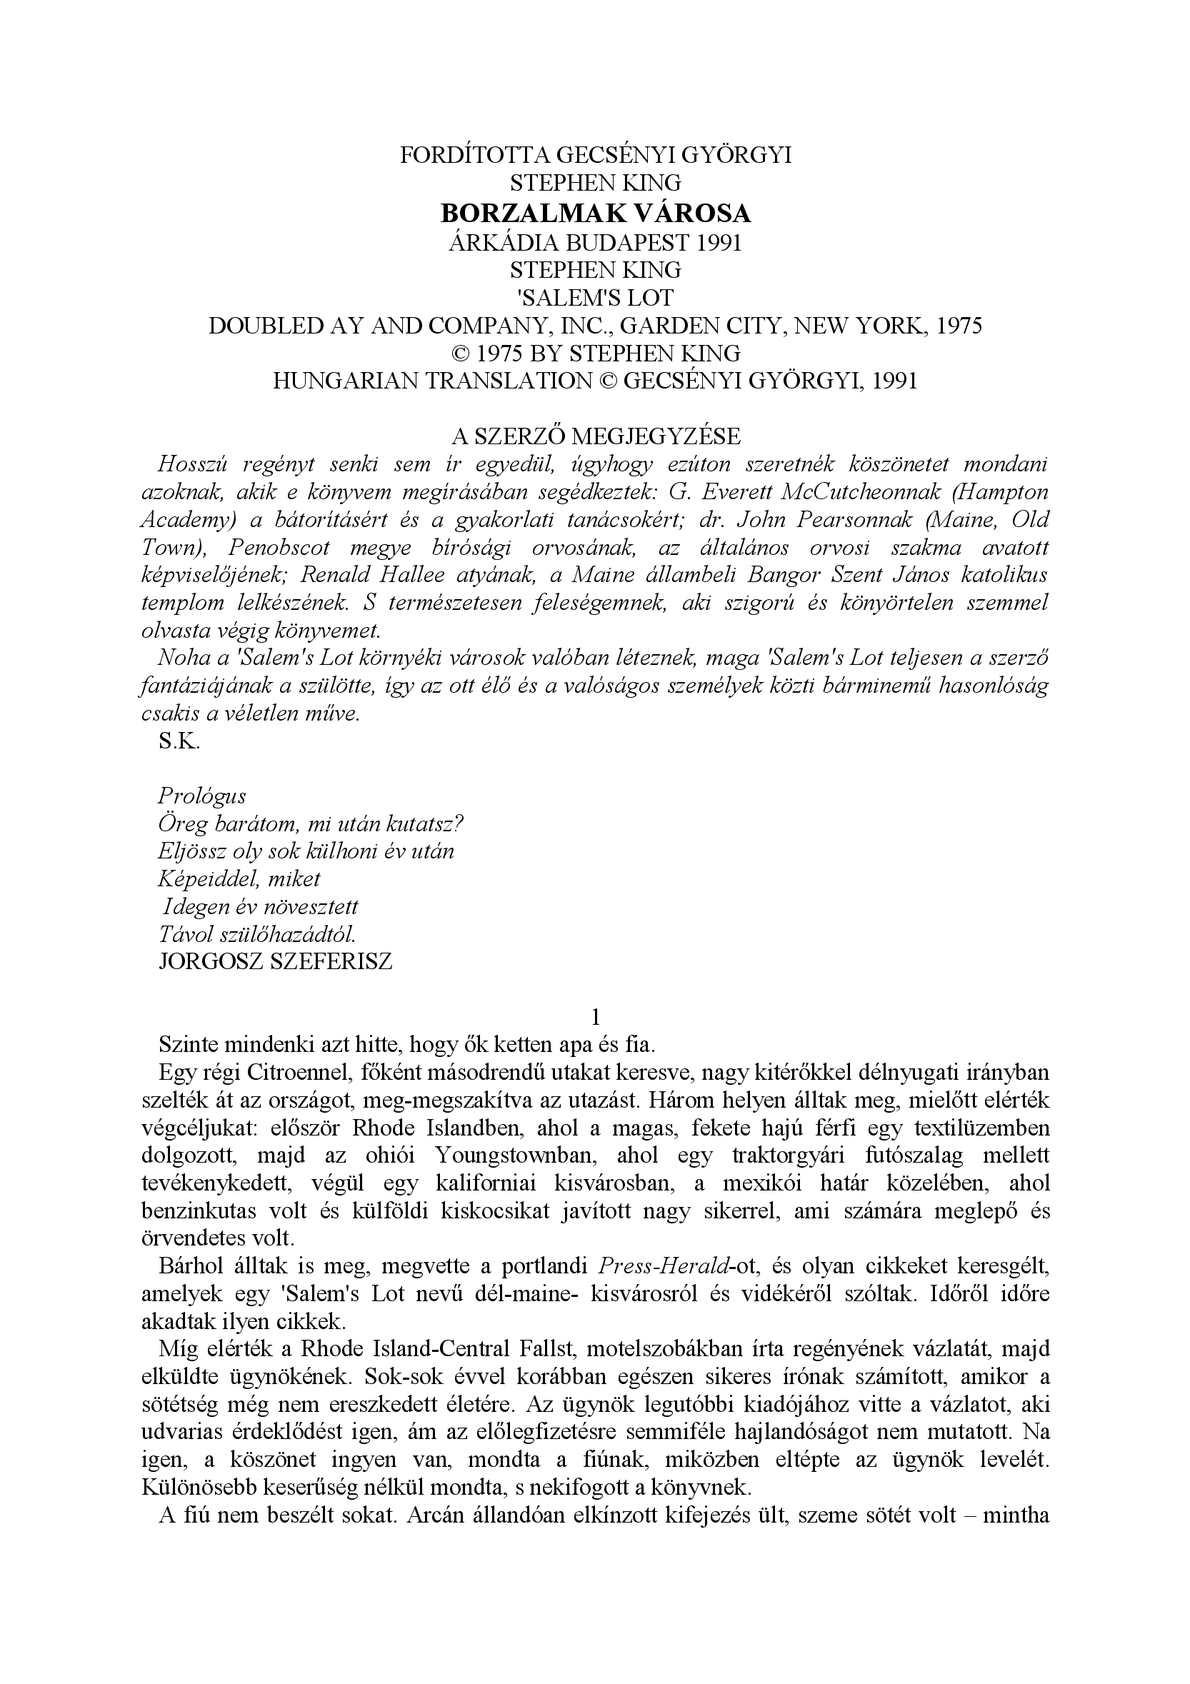 Magyar orvos kapott Louis-Jeantet díjat